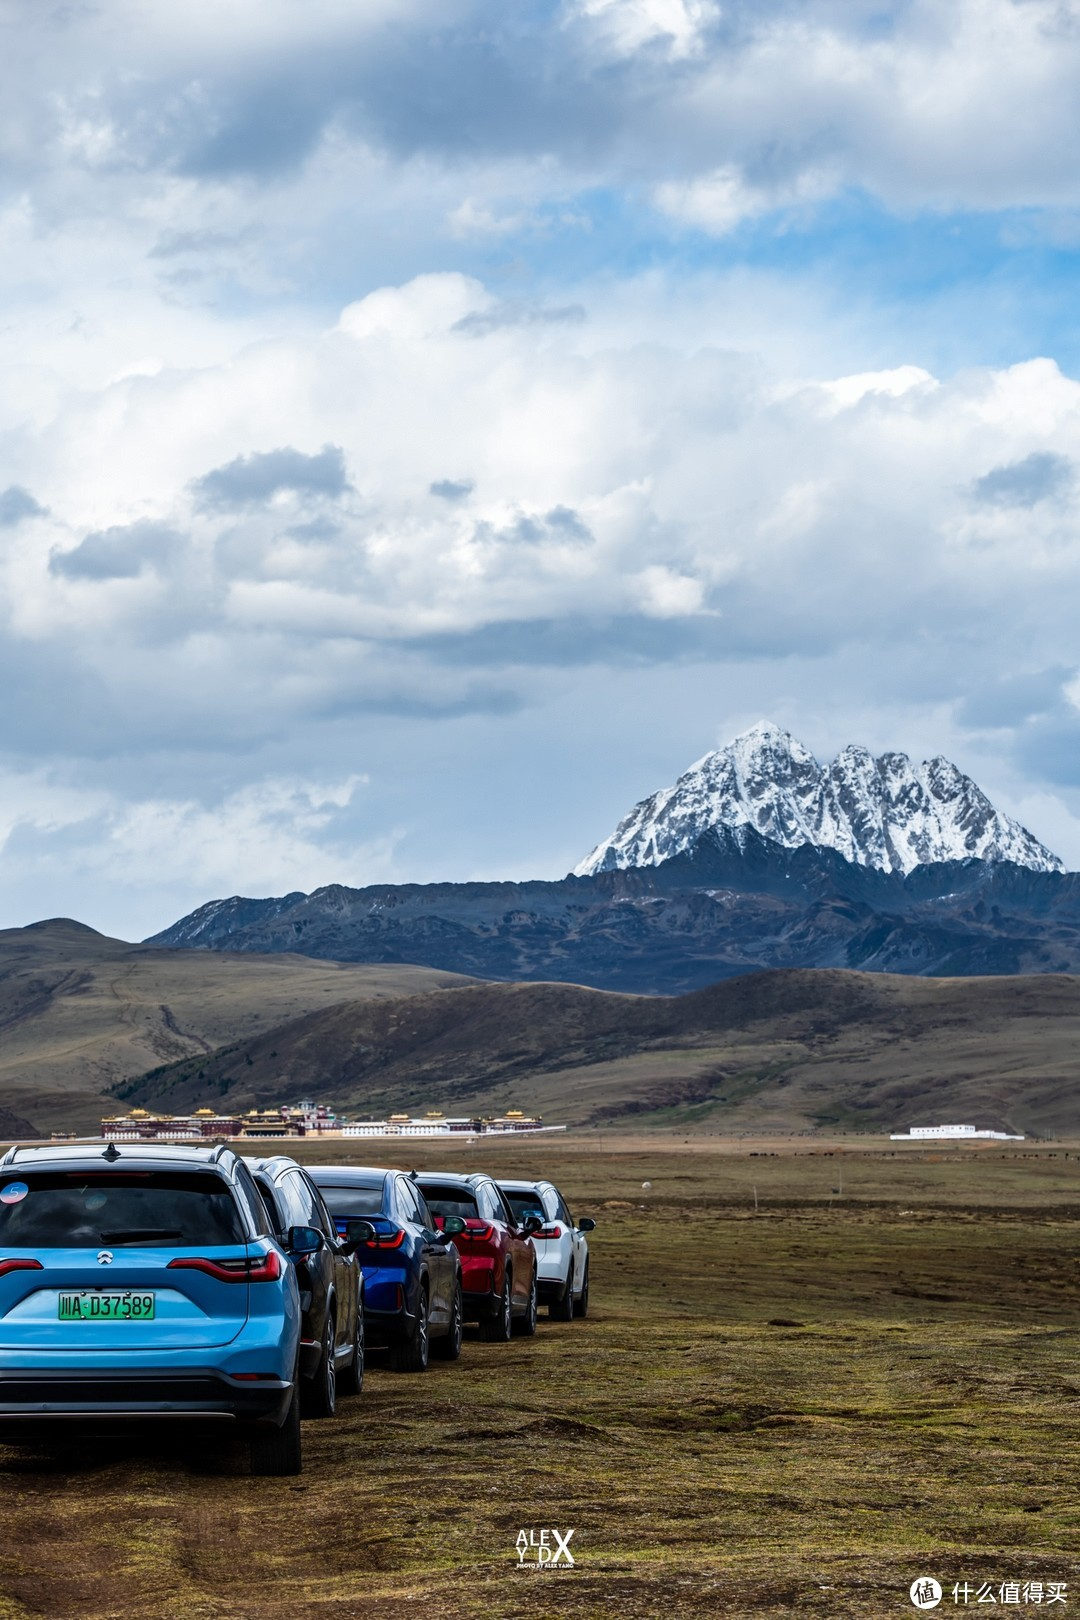 下午到了塔公草原,雅拉雪山。这是此次旅程的最后一站,天公不作美,没有等到想要天气,但也足够美,有遗憾才能为下次旅程找一个借口。